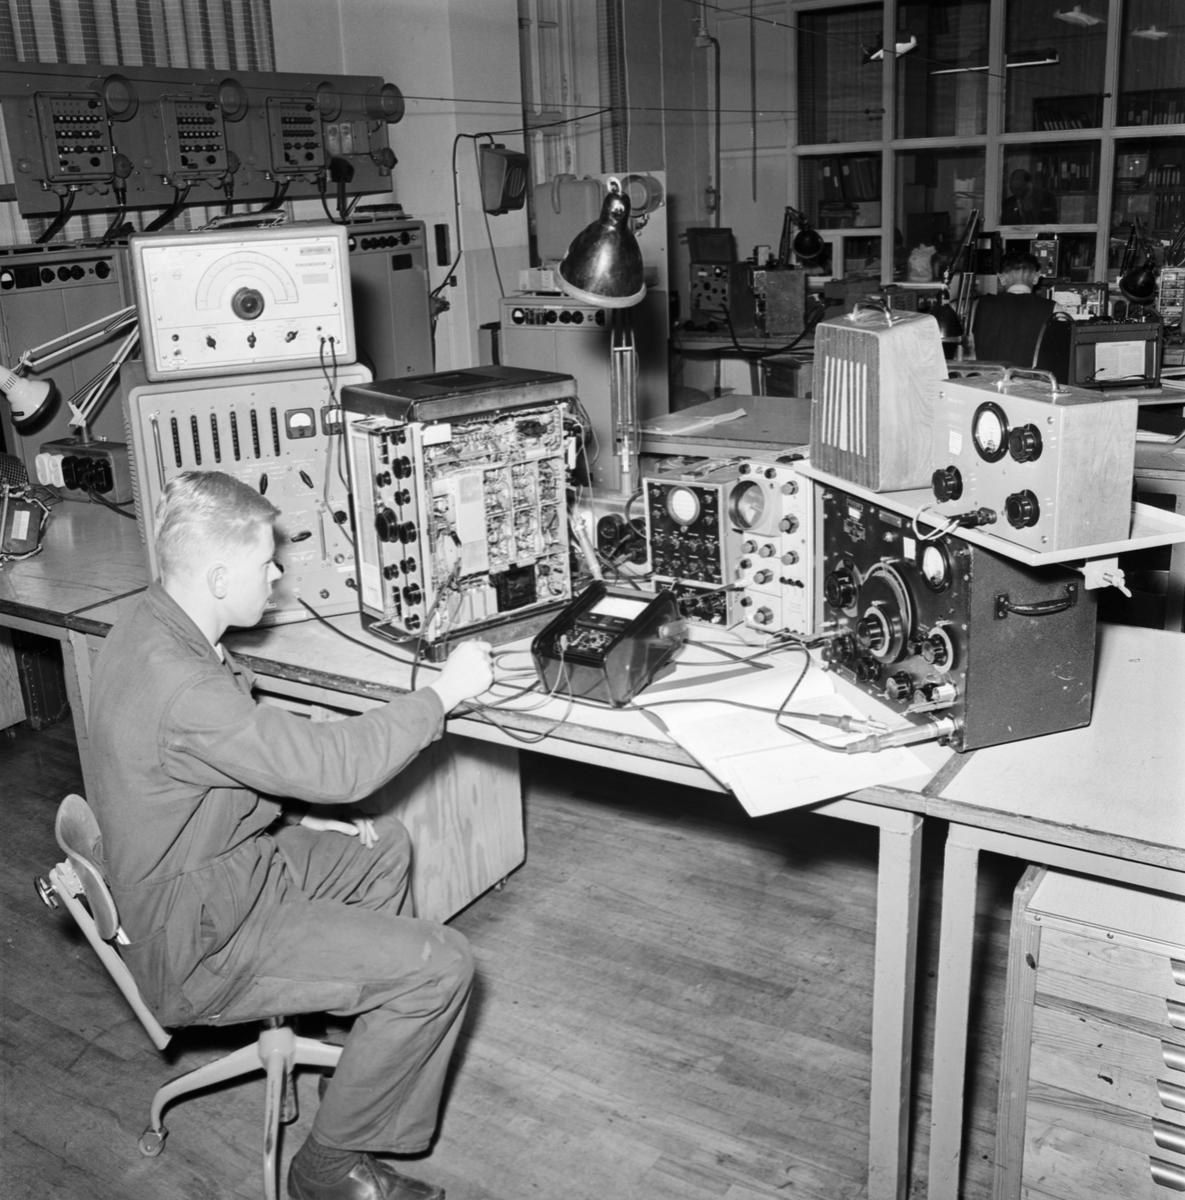 Övrigt: Foto datum: 27/1 1965 Verkstäder och personal. Radioutrustning. Närmast identisk bild: V32167 och V32168, ej skannad